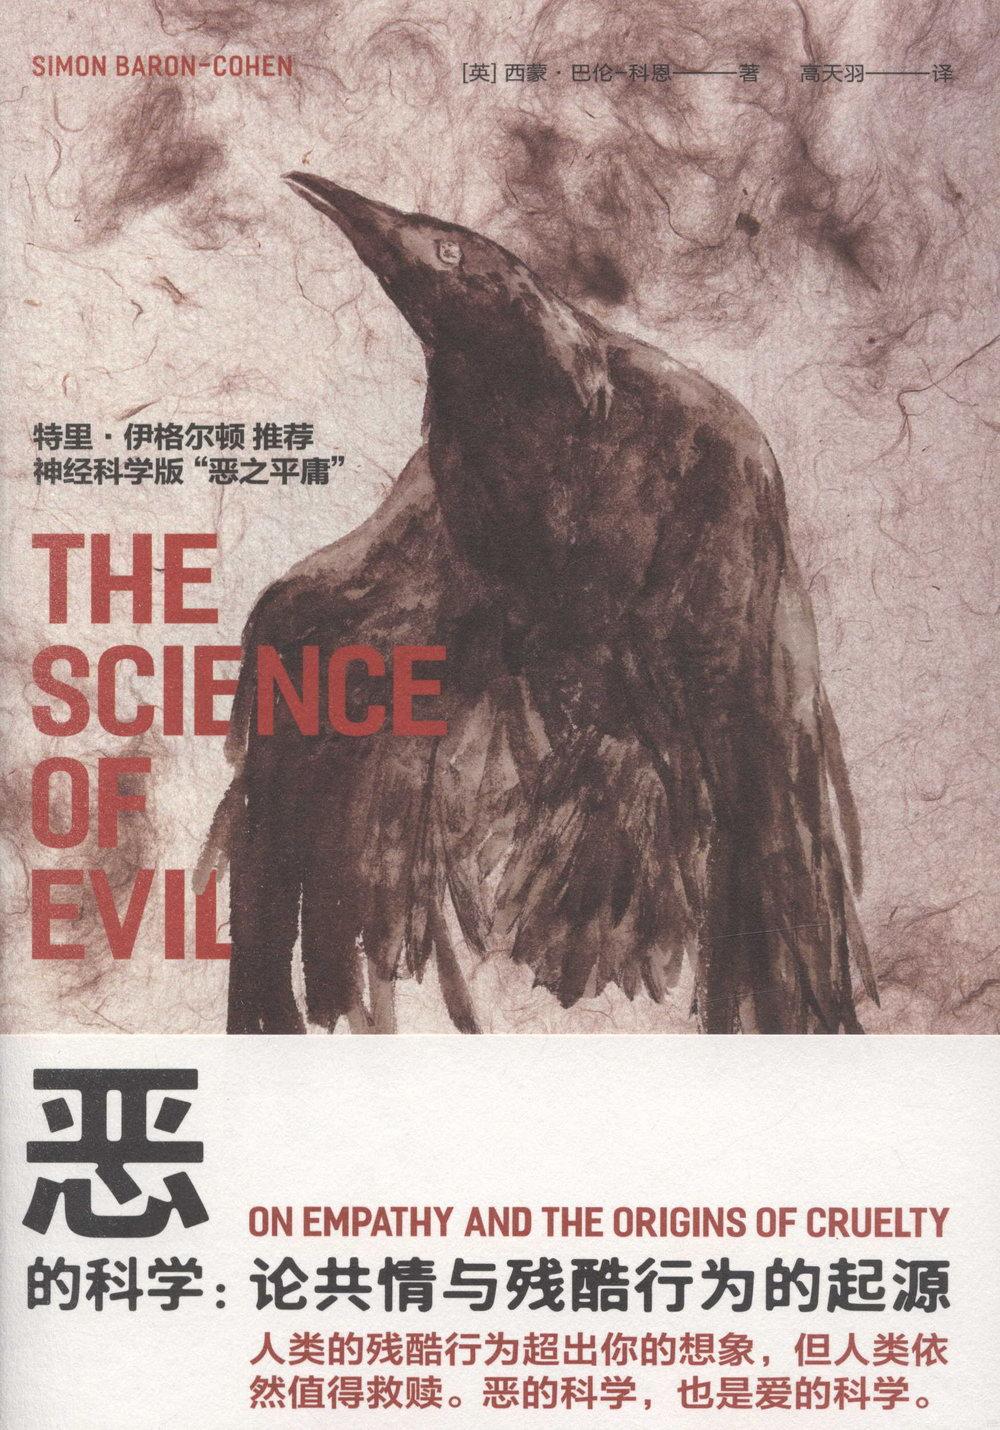 惡的科學:論共情與殘酷行為的起源